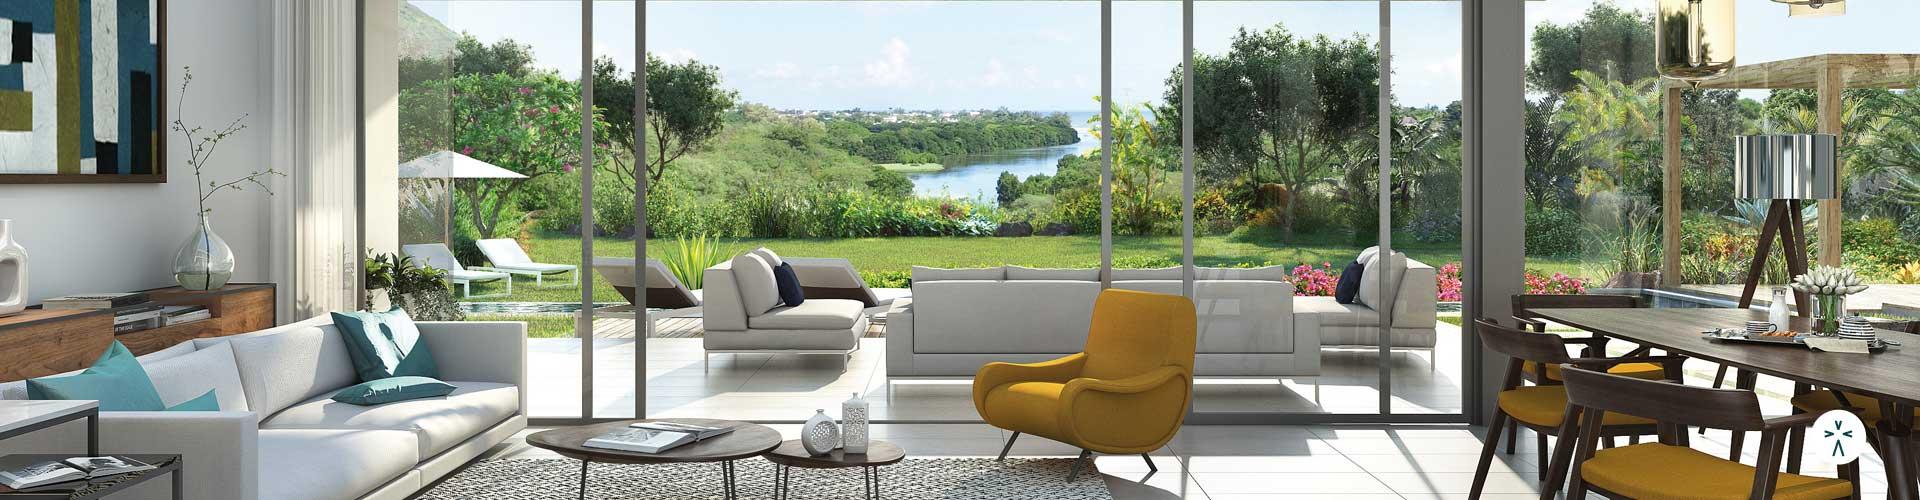 achat vente immobilier pas Akasha ile maurice villa en pleine propriété et résidence annonce immobilière proche golf à Tamarin